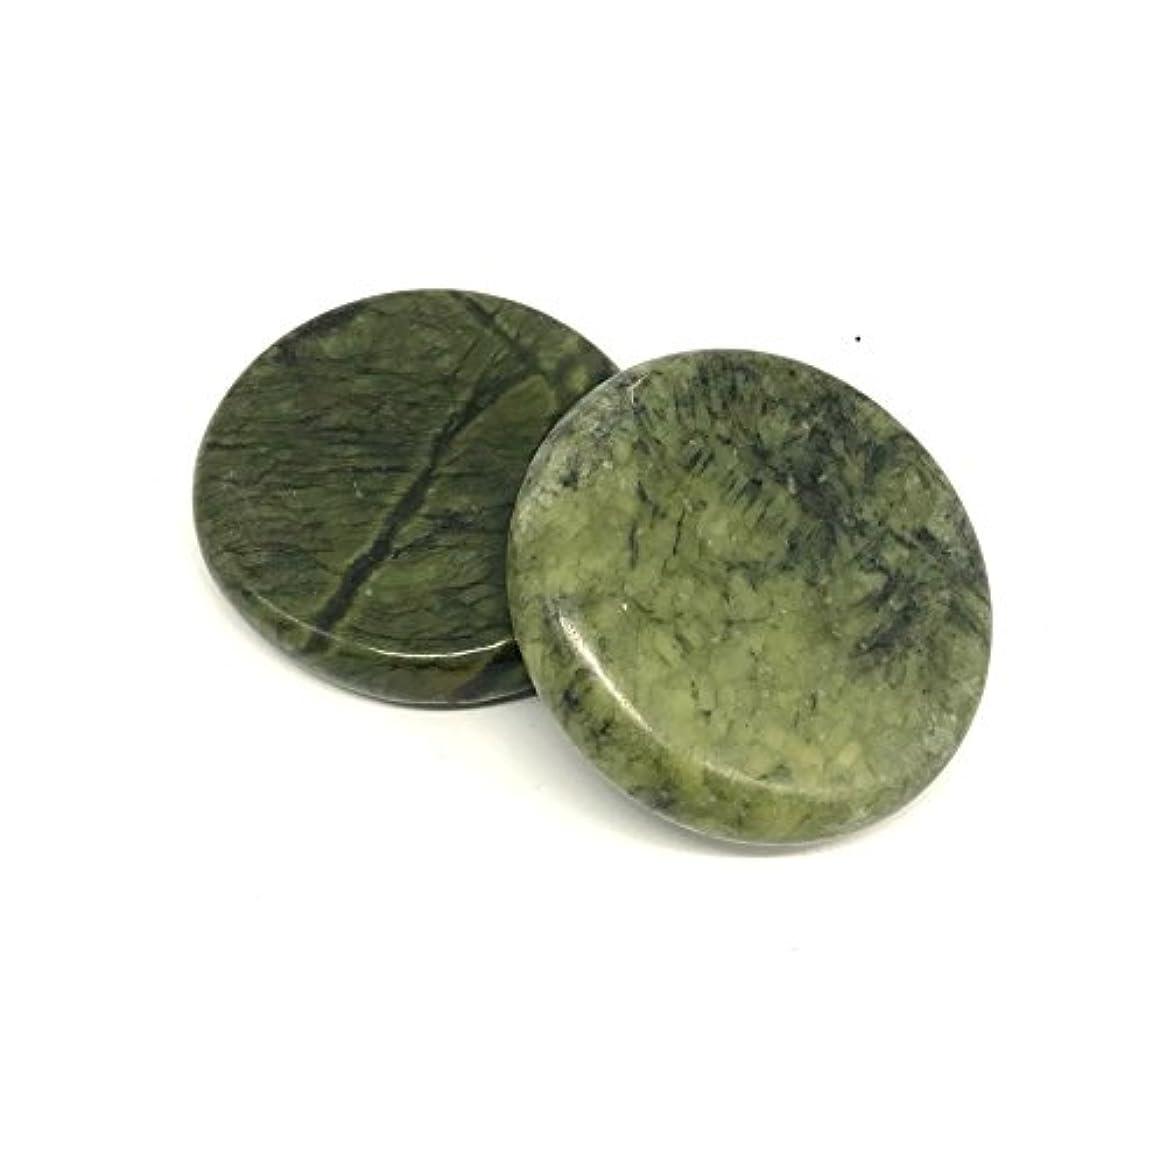 アイスクリーム救いファウルオリーブ玉翡翠ホットストン 足つぼ?手のひら かっさ Natural Green Jade Stone hot stone for body massage Spa massage tools (L 2 点PCS) (3.14...